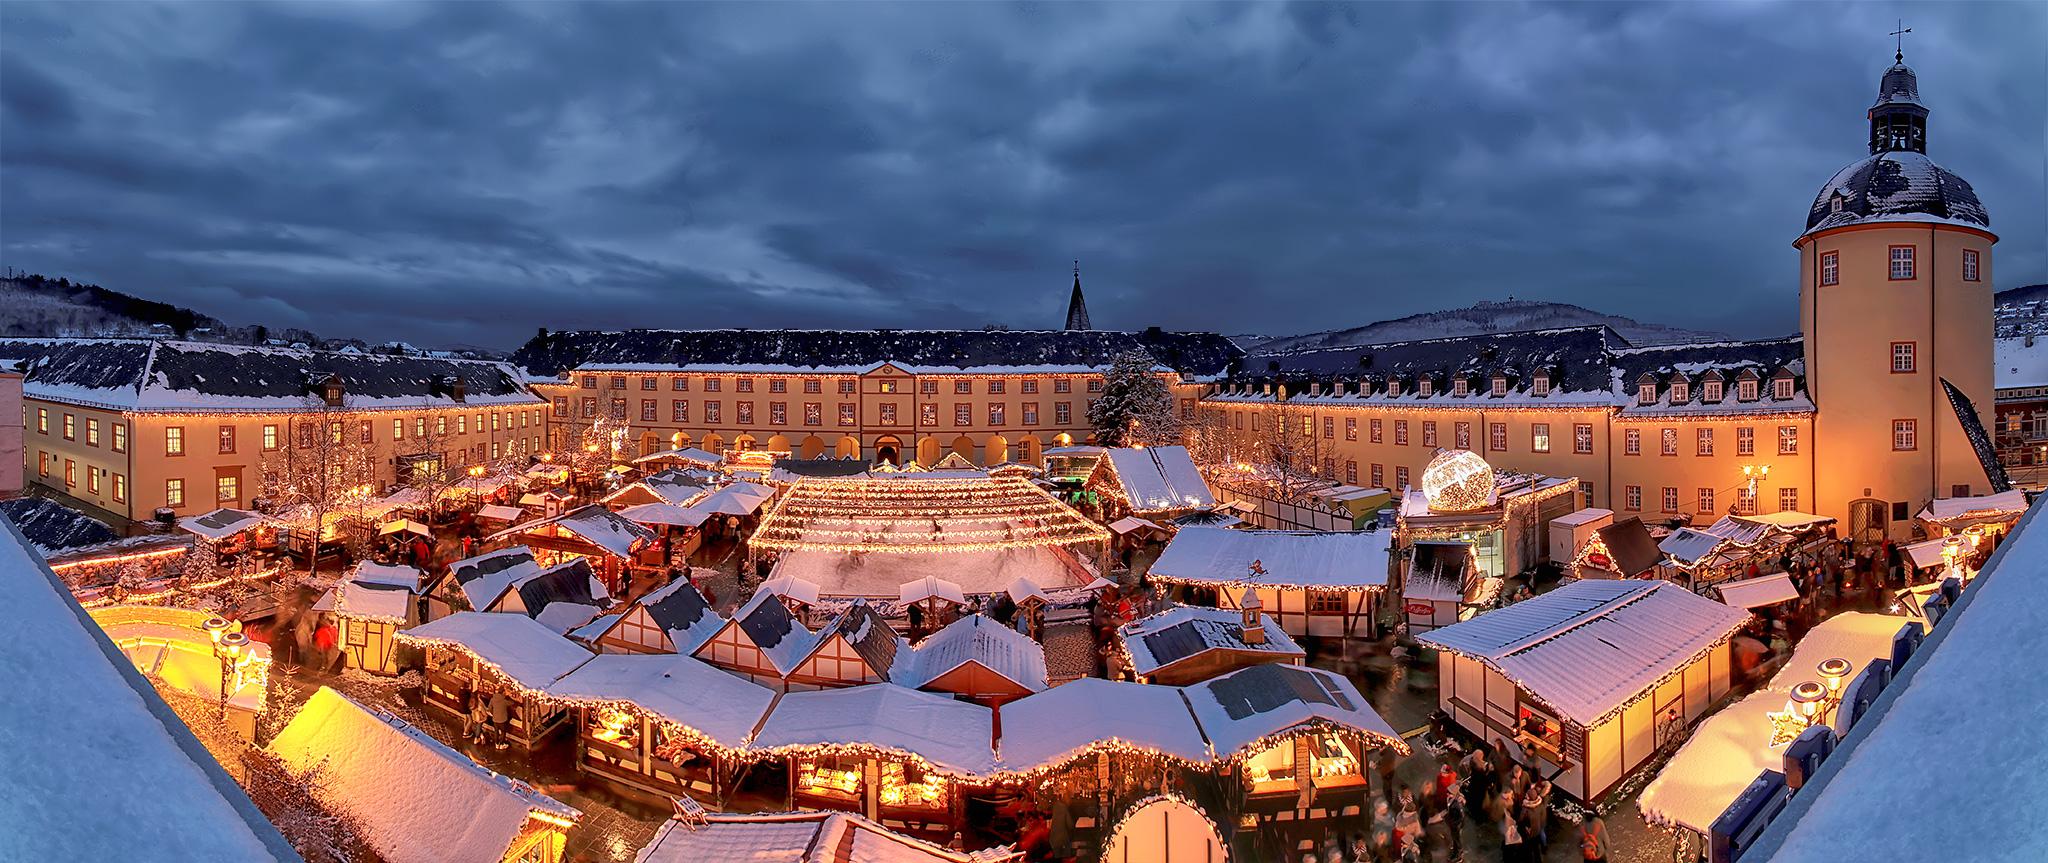 Weihnachtsmarkt Siegen